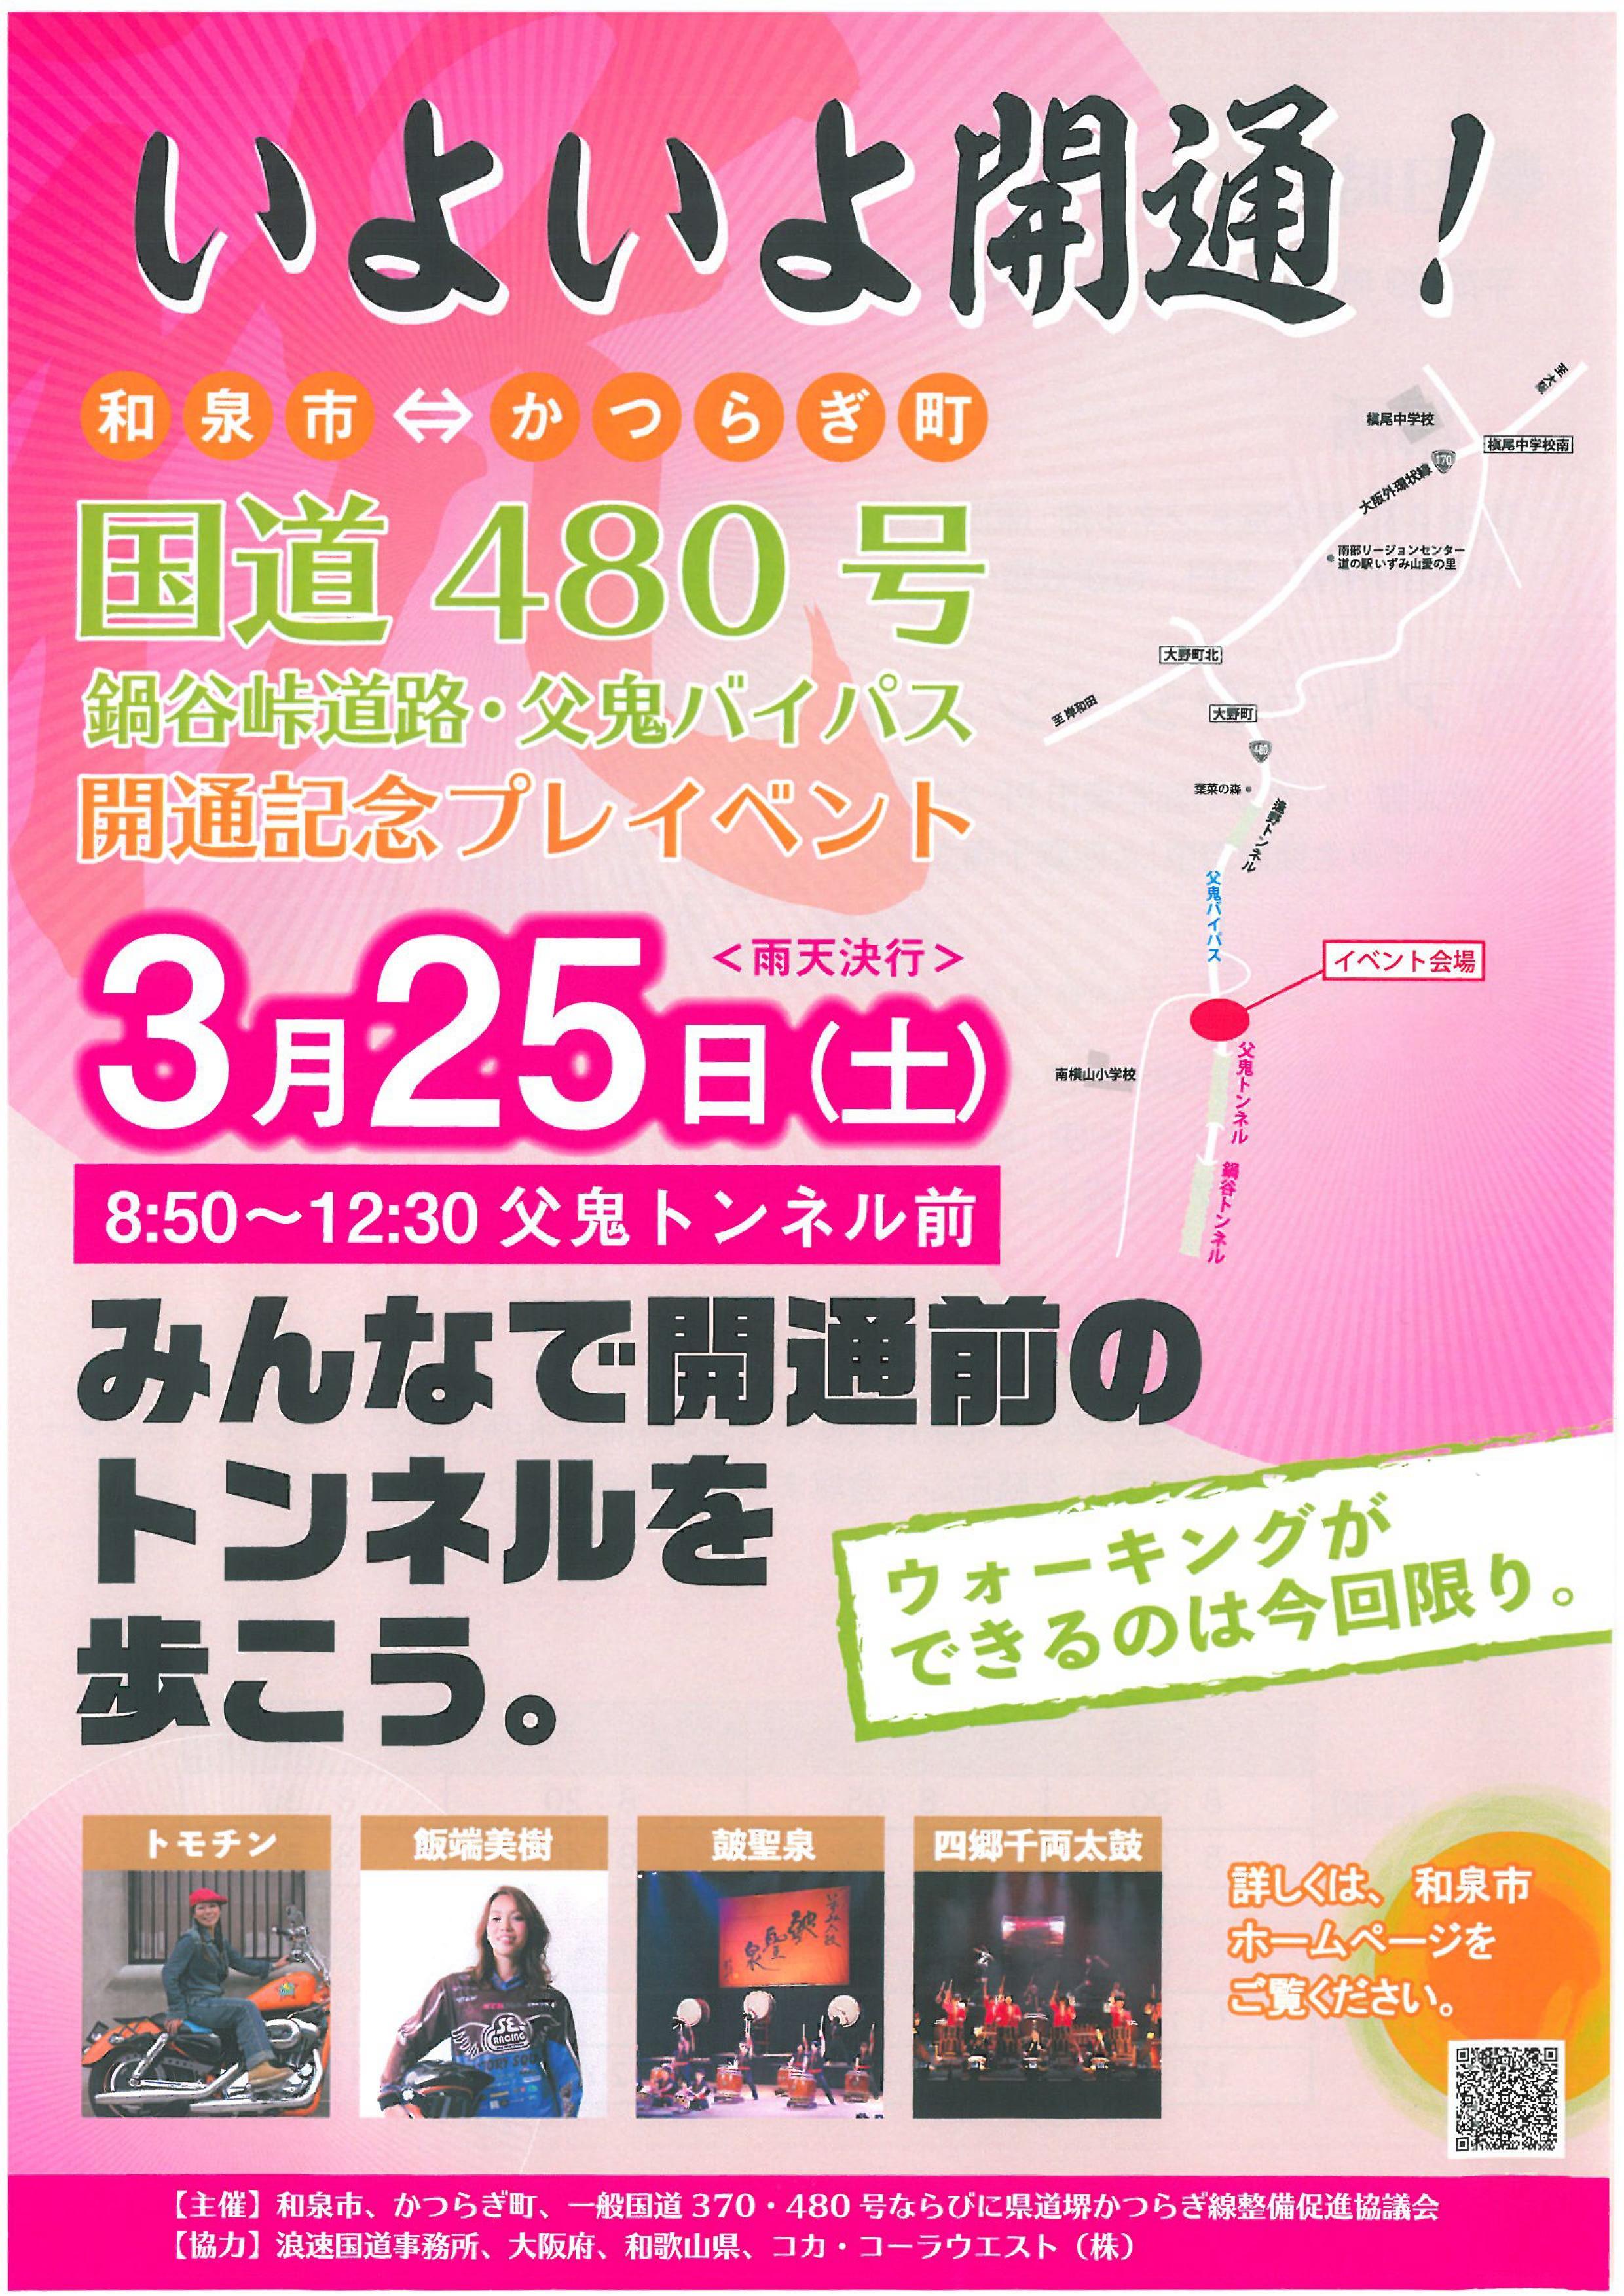 国道480号 鍋谷峠道路・父鬼バイパス  開通記念プレイベント!3月25日(土)開催!